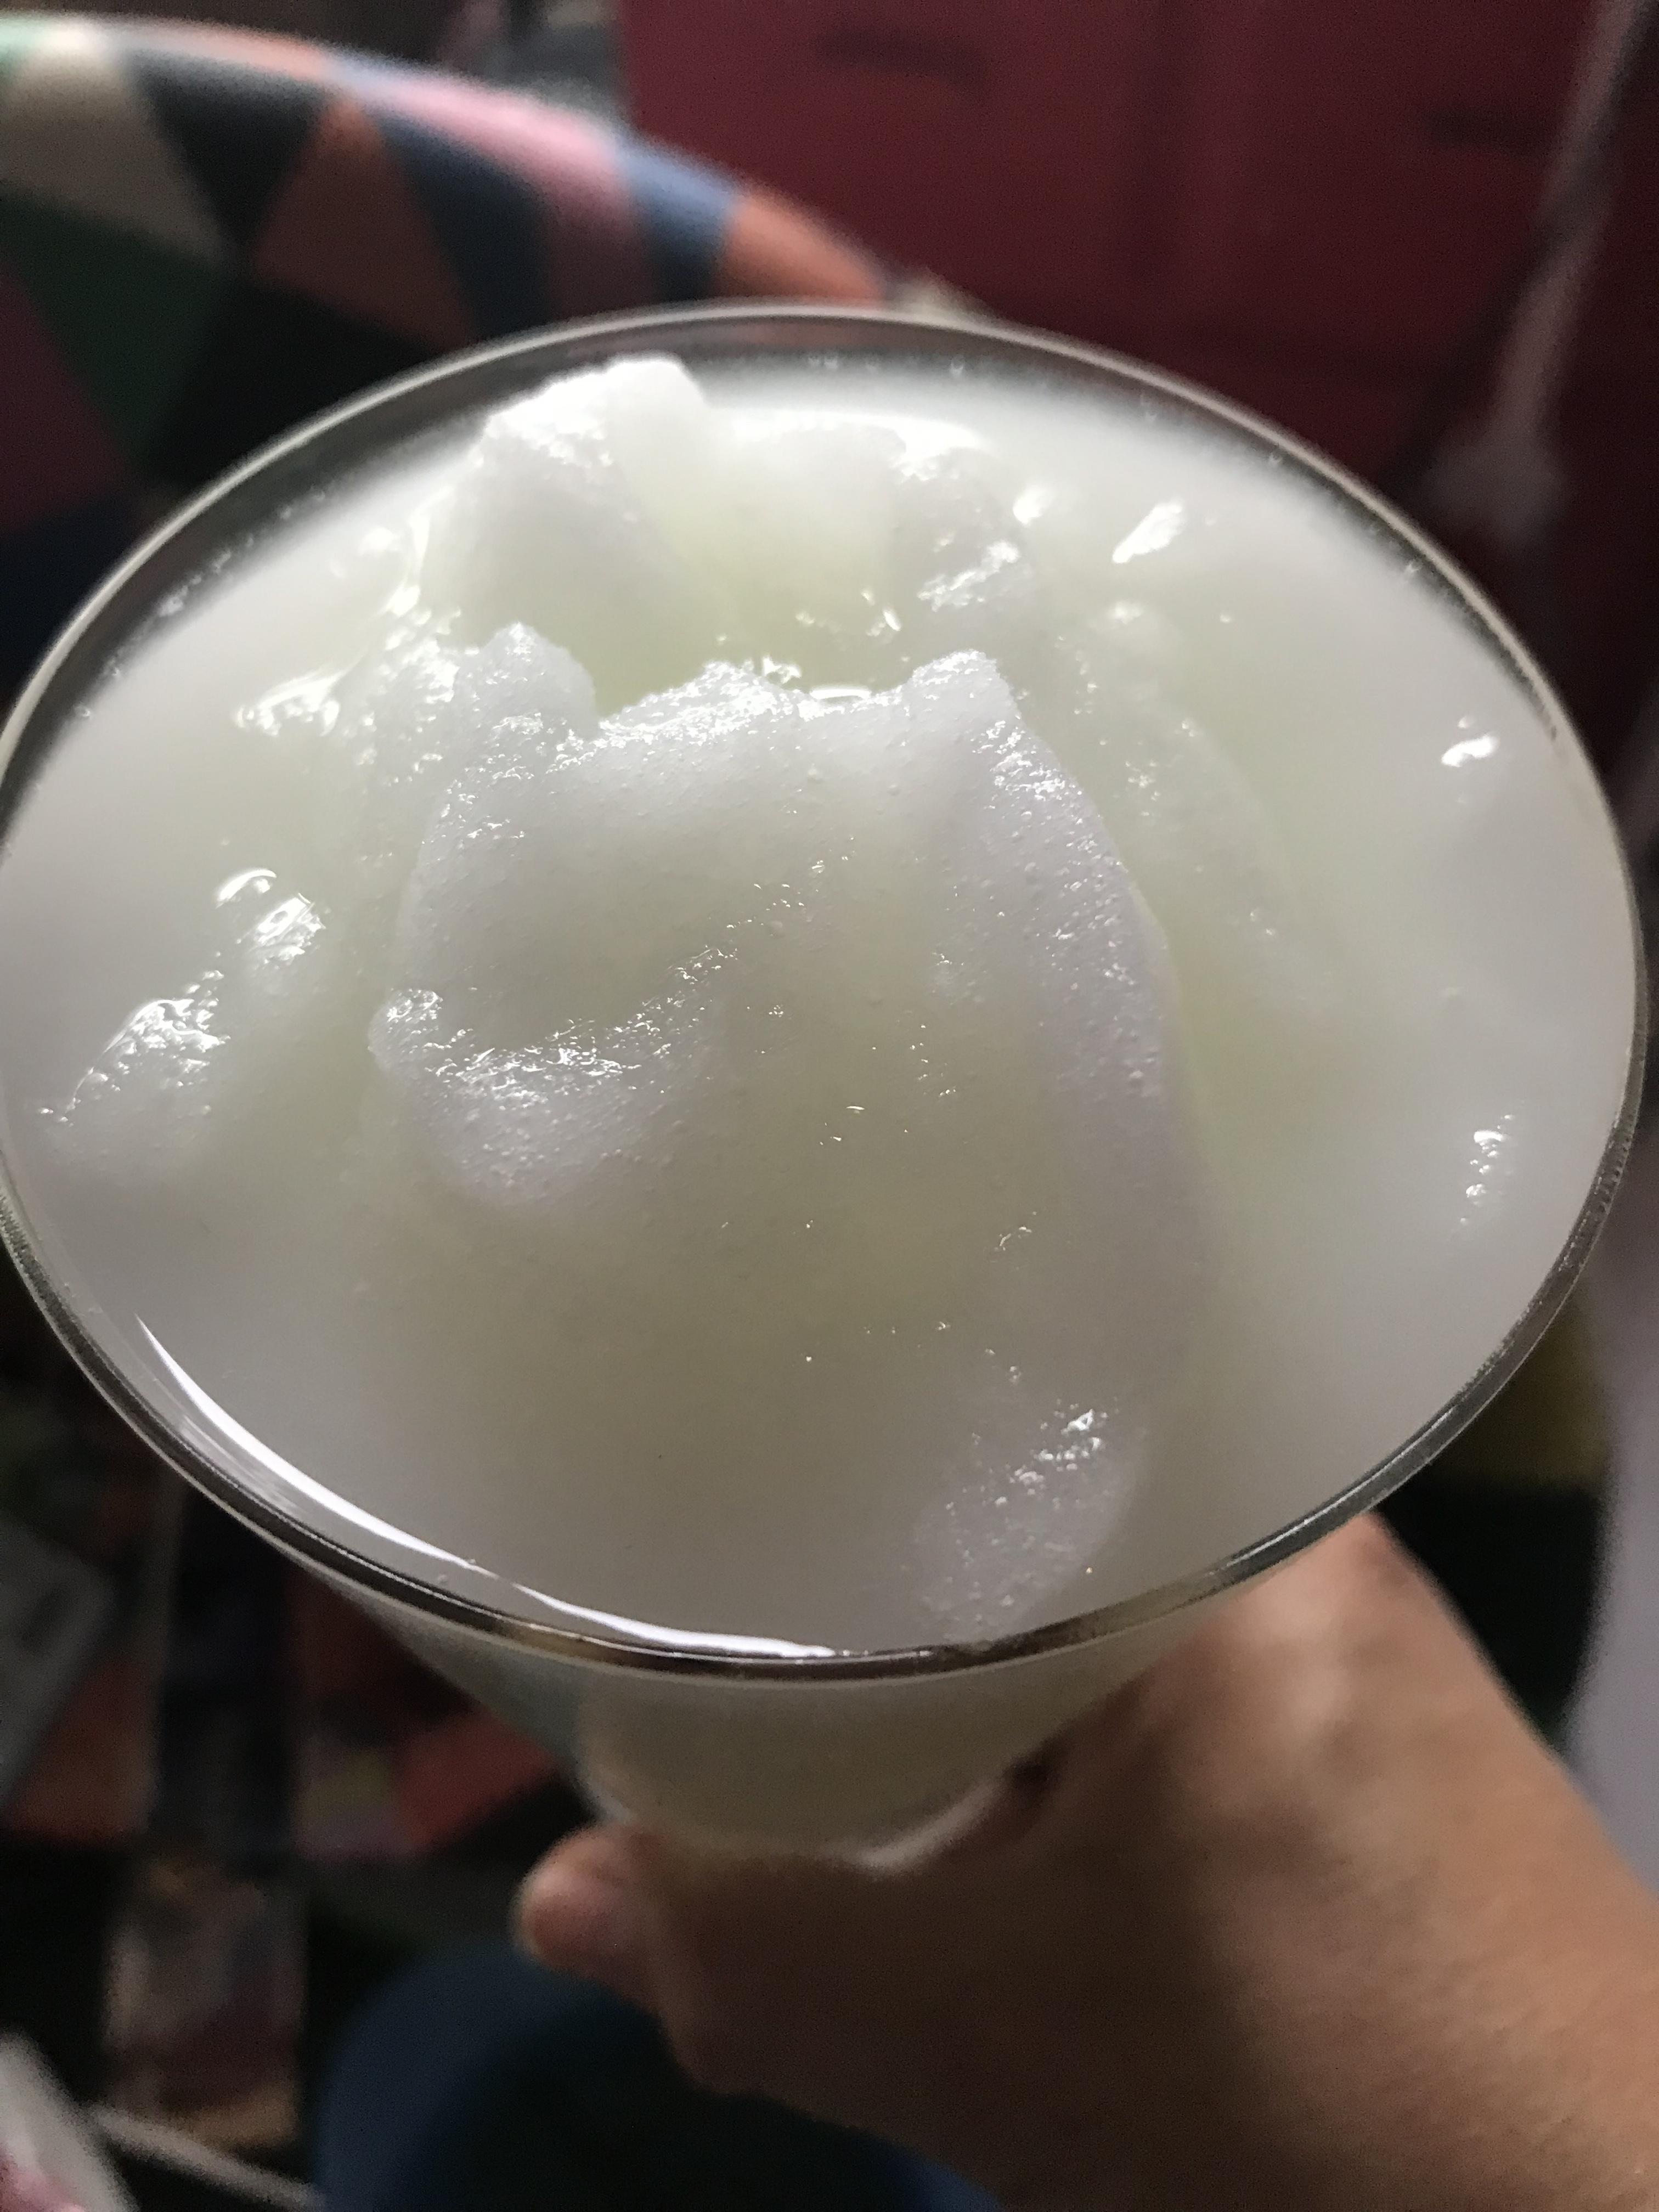 how to make motts pina colada